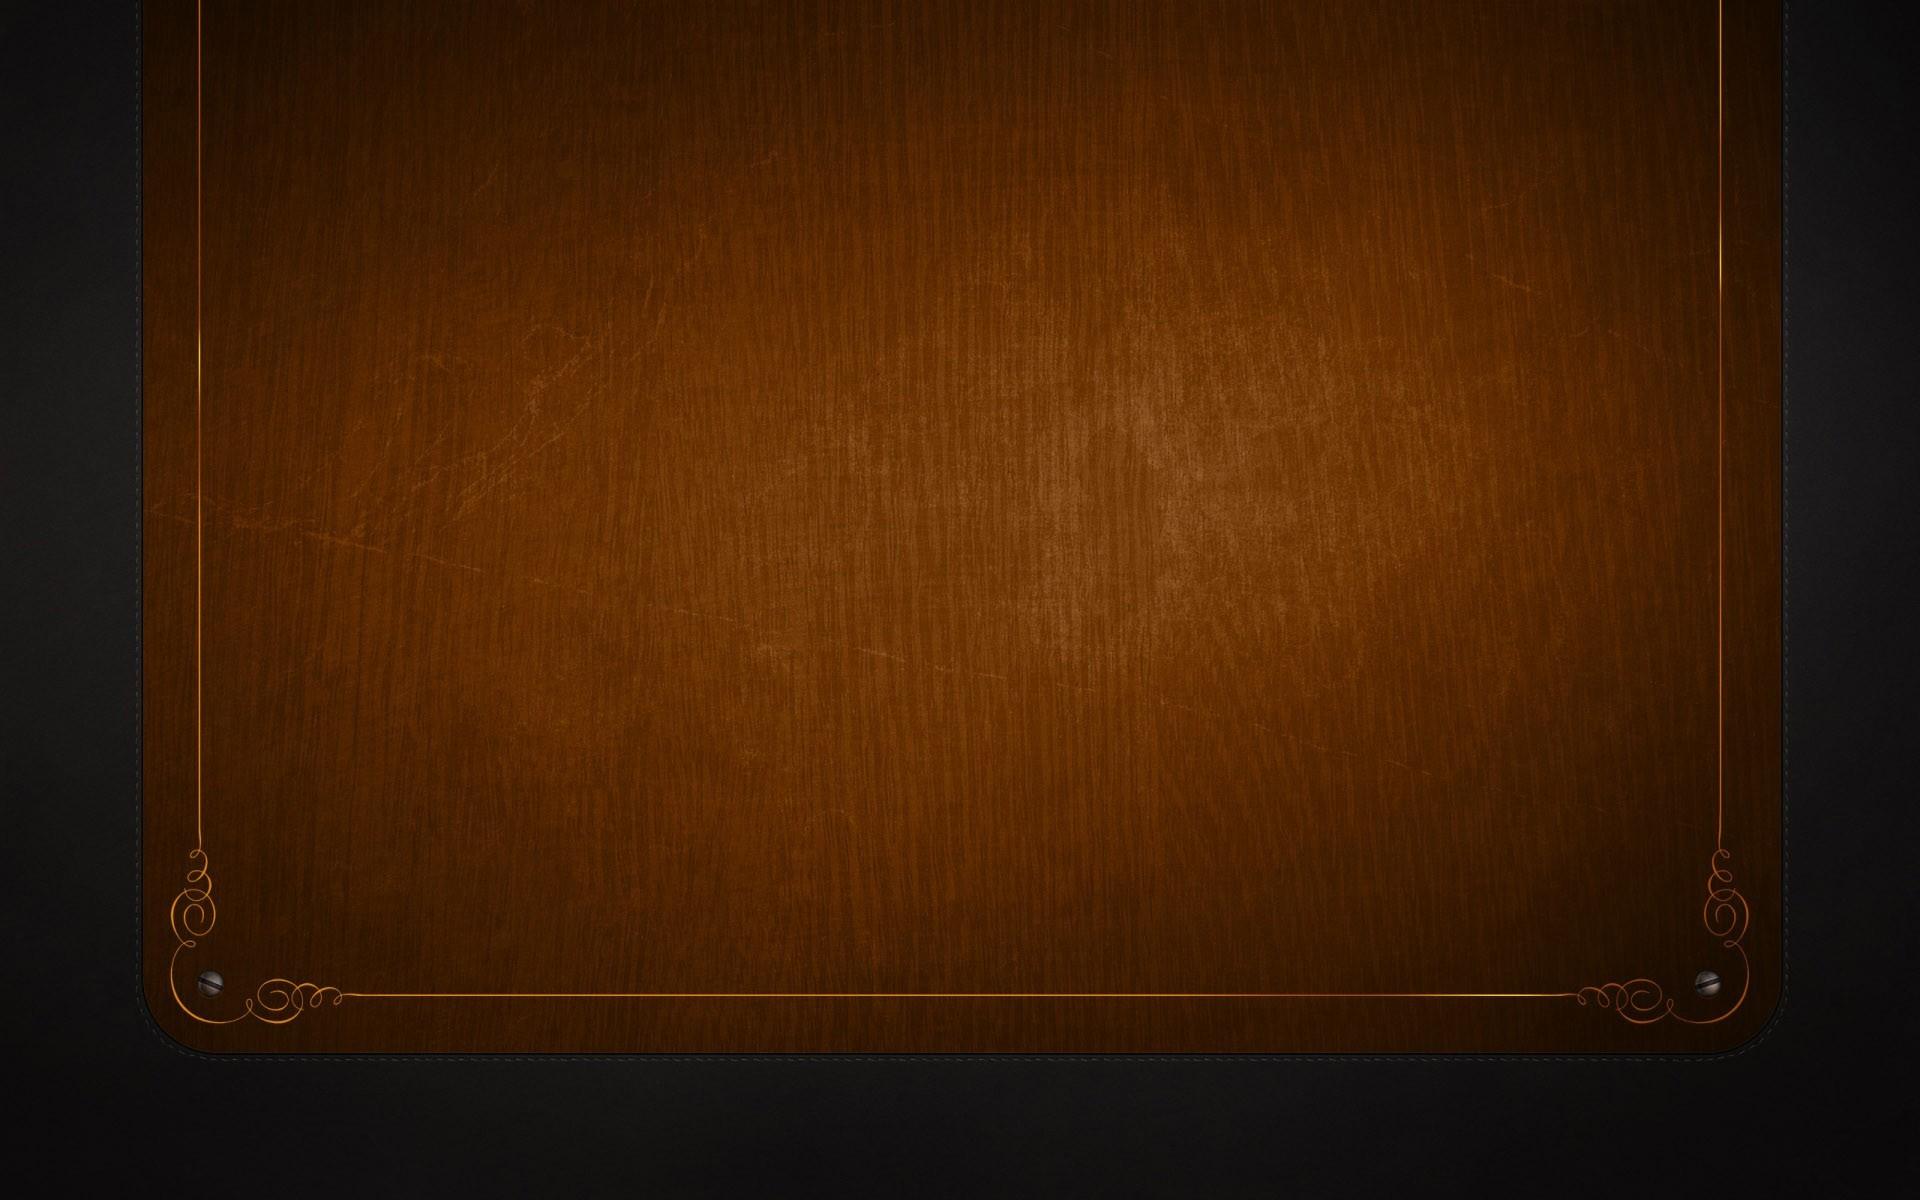 Wood Desktop Wallpapers 37 Wallpapers – Adorable Wallpapers